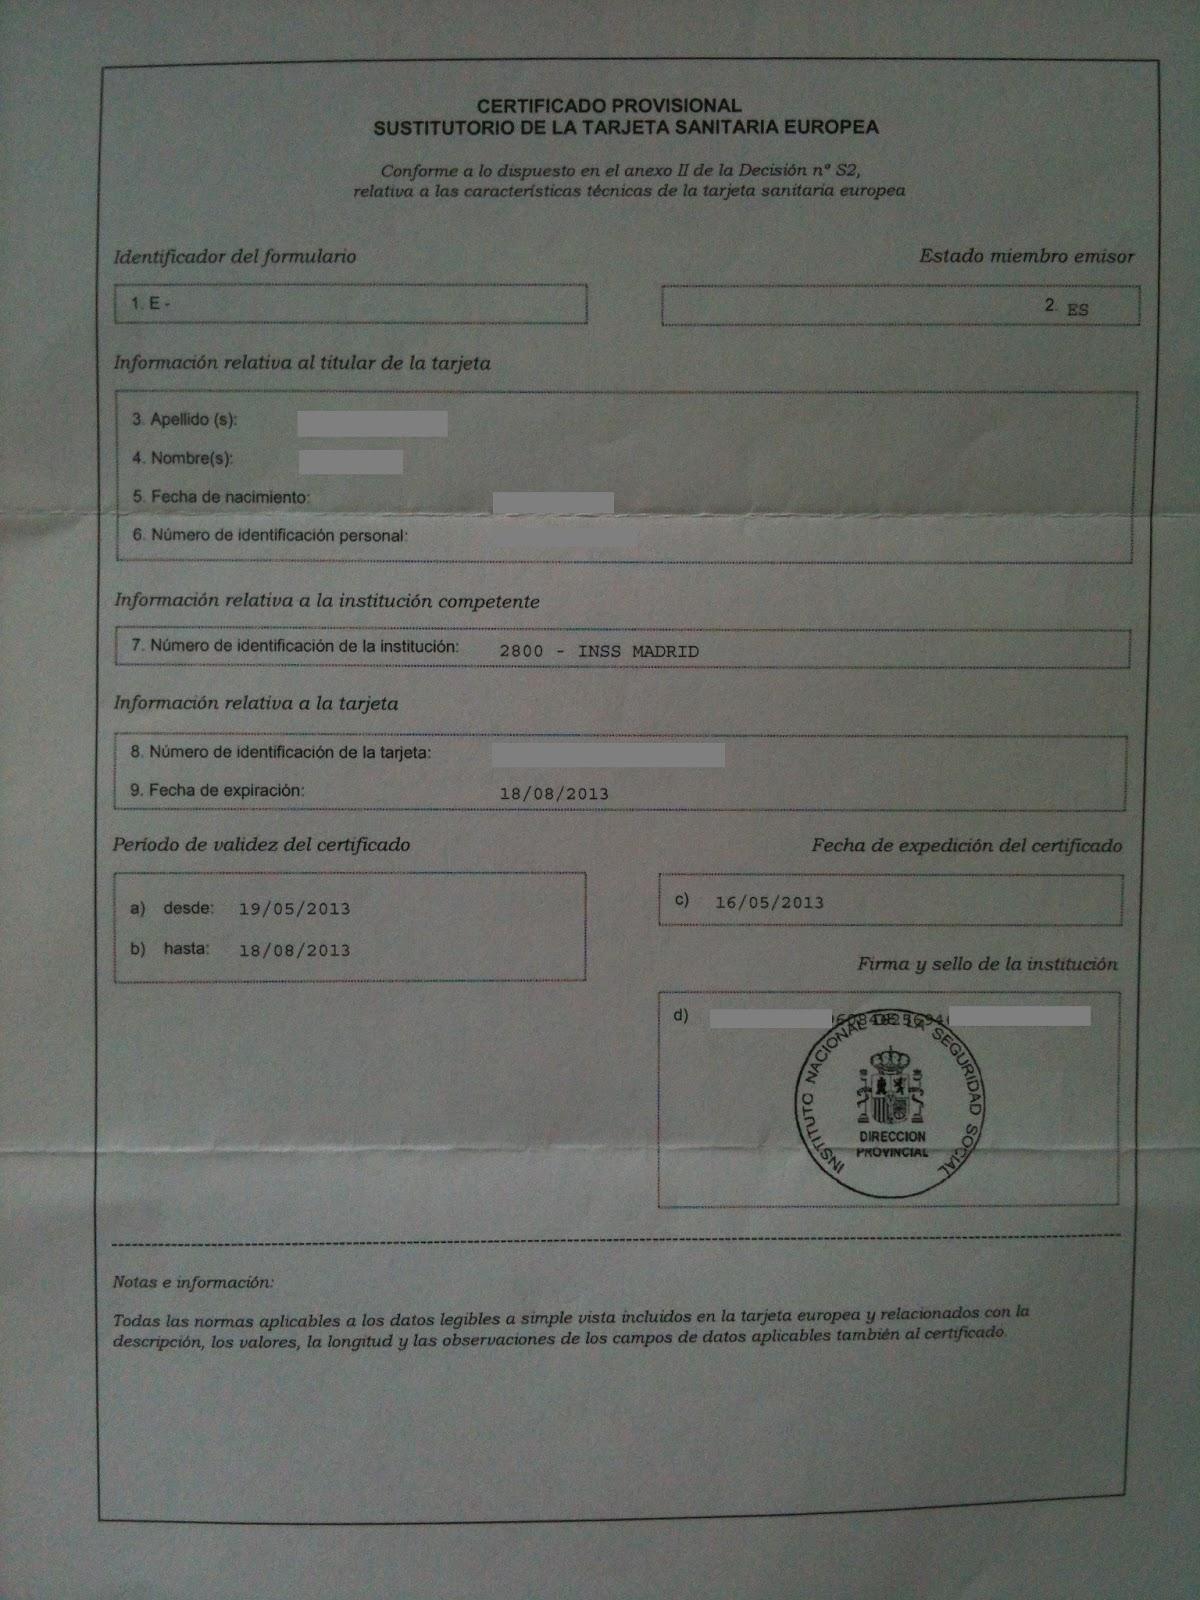 Emigrando a dublin caiss oficinas de la seguridad social for Oficinas de la seguridad social en madrid